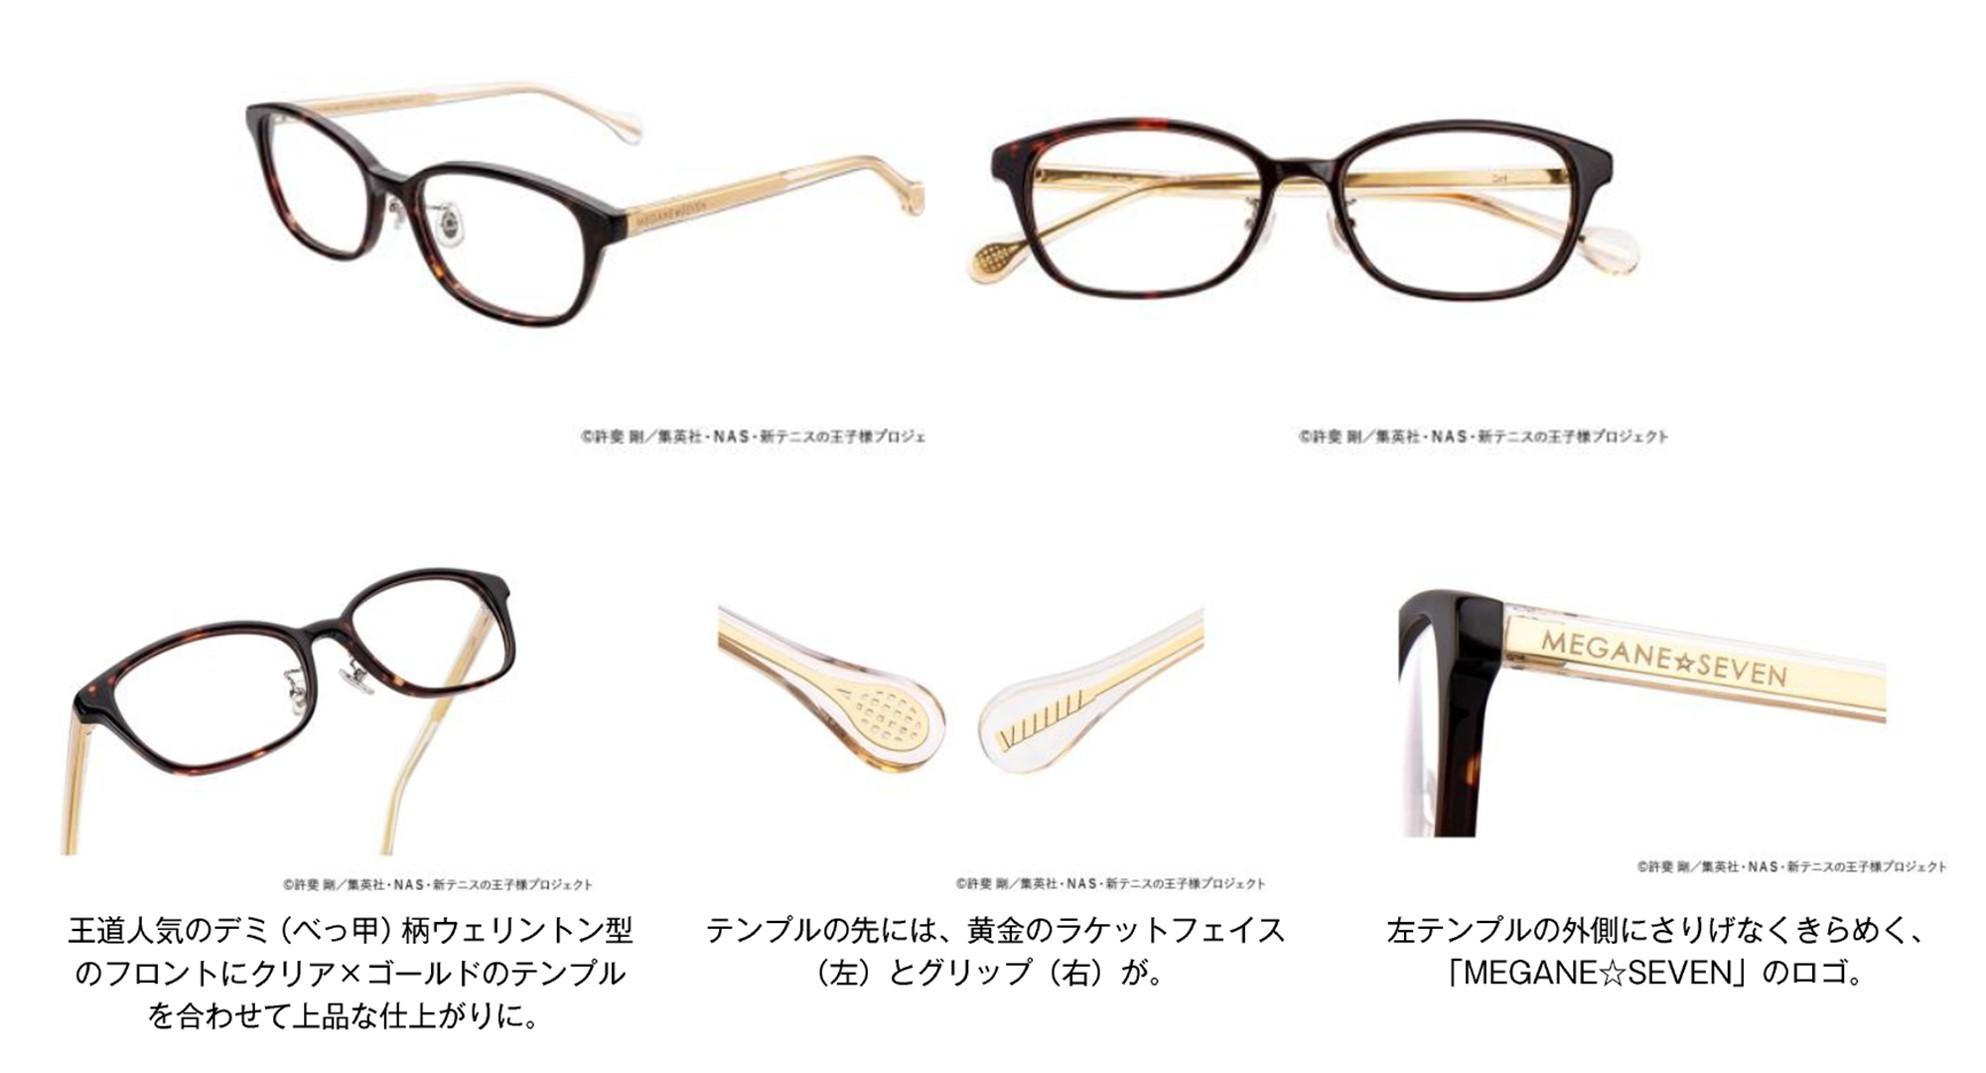 新テニスの王子様×Zoff コラボコレクションMEGANE☆SEVEN Line(メガネ☆セブン ライン)各7,000円(税別)